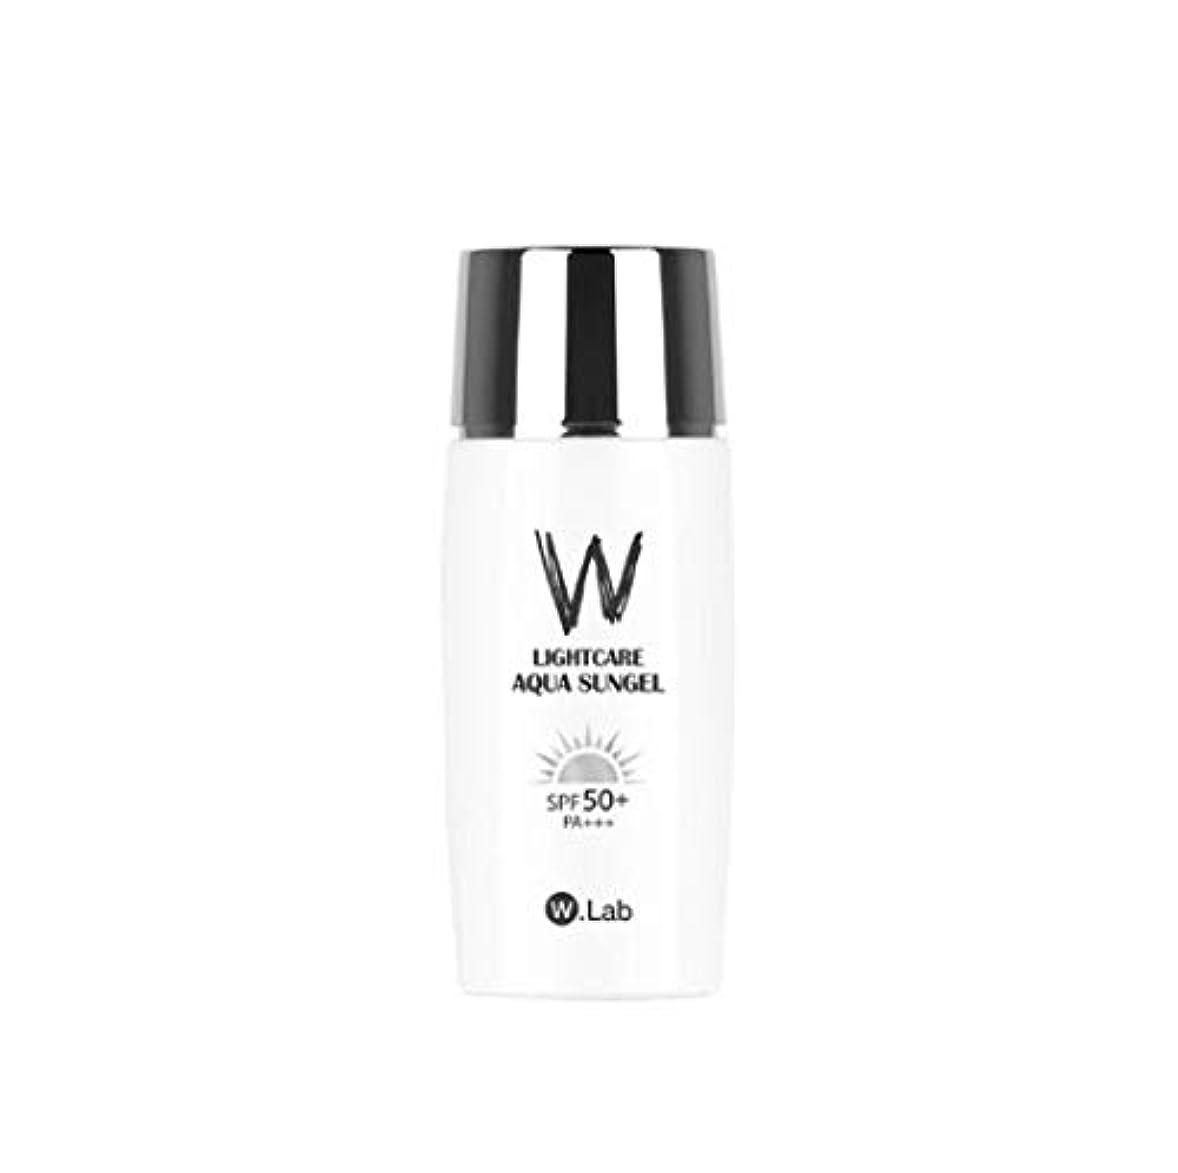 具体的にホットコールドW.Lab Light Care Aqua Sun Gel Sunscreen SPF PA+++ 50+ Daily Care Solution SPF 50 PA+++ Face Body Water Resistant UV Protection Sun Screen Cream Hydrated Isolation Cream, 50ML